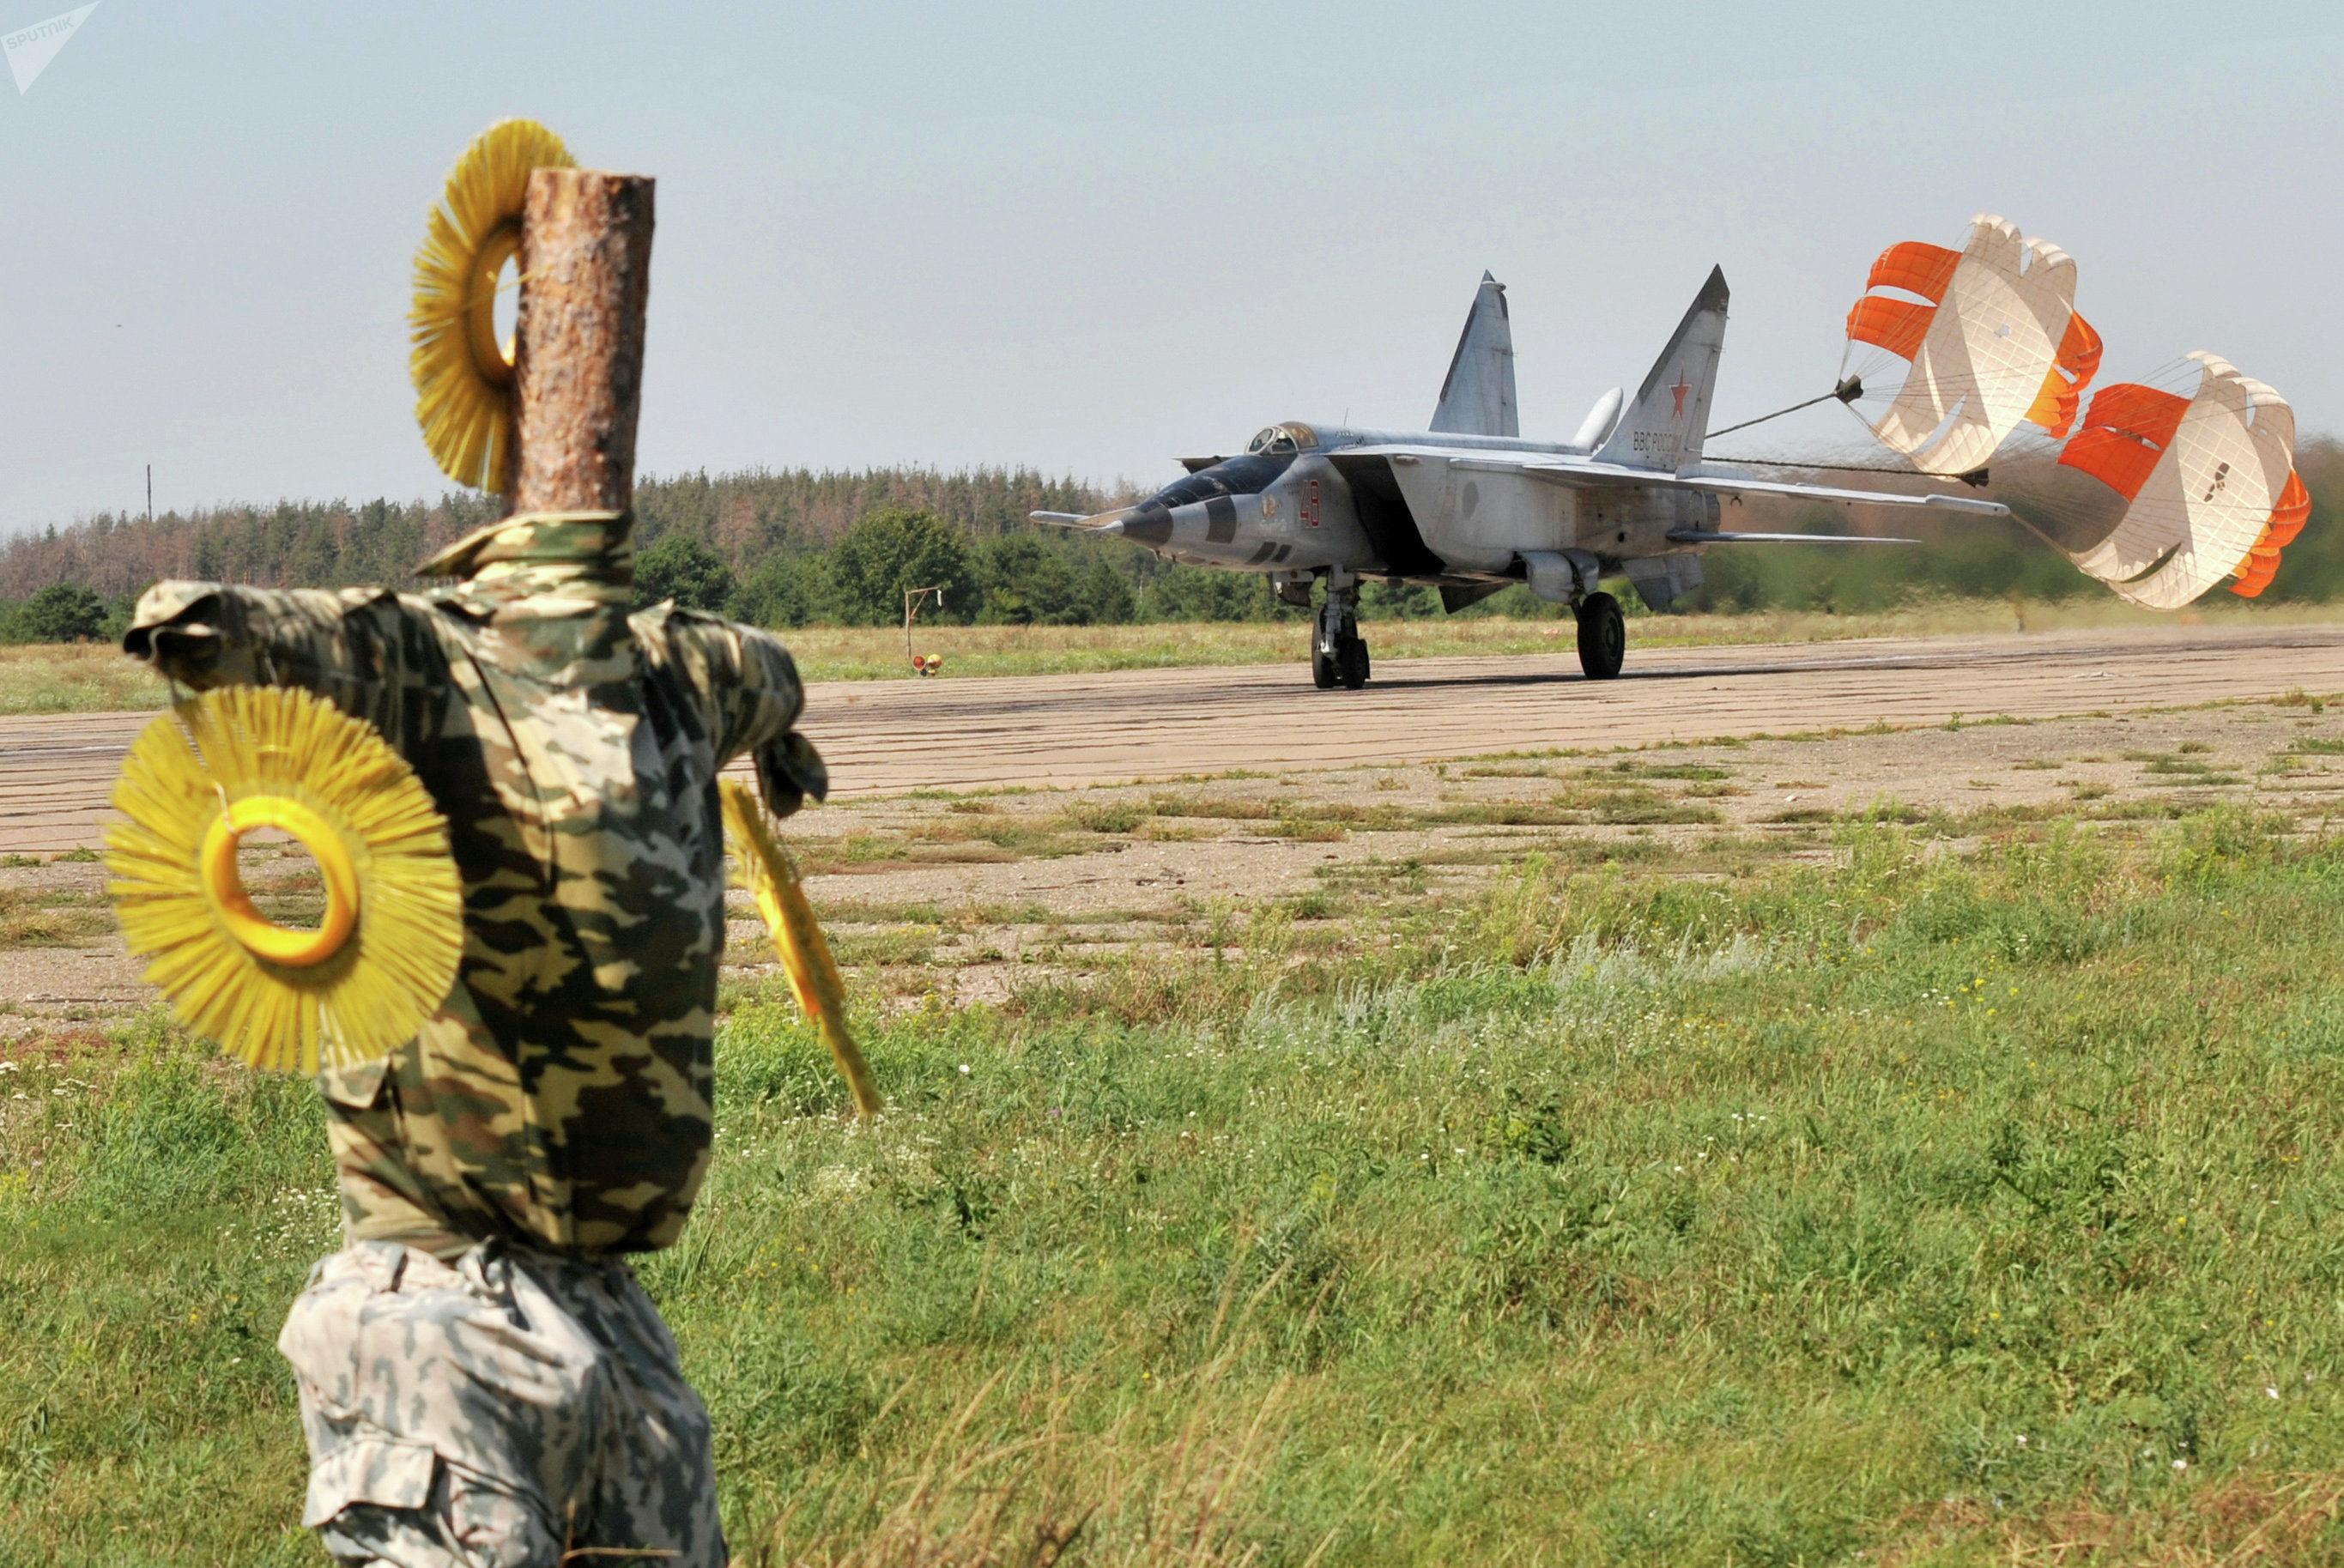 MiG-25 aterrissa na base militar Baltimor, na Região de Voronezh, Rússia